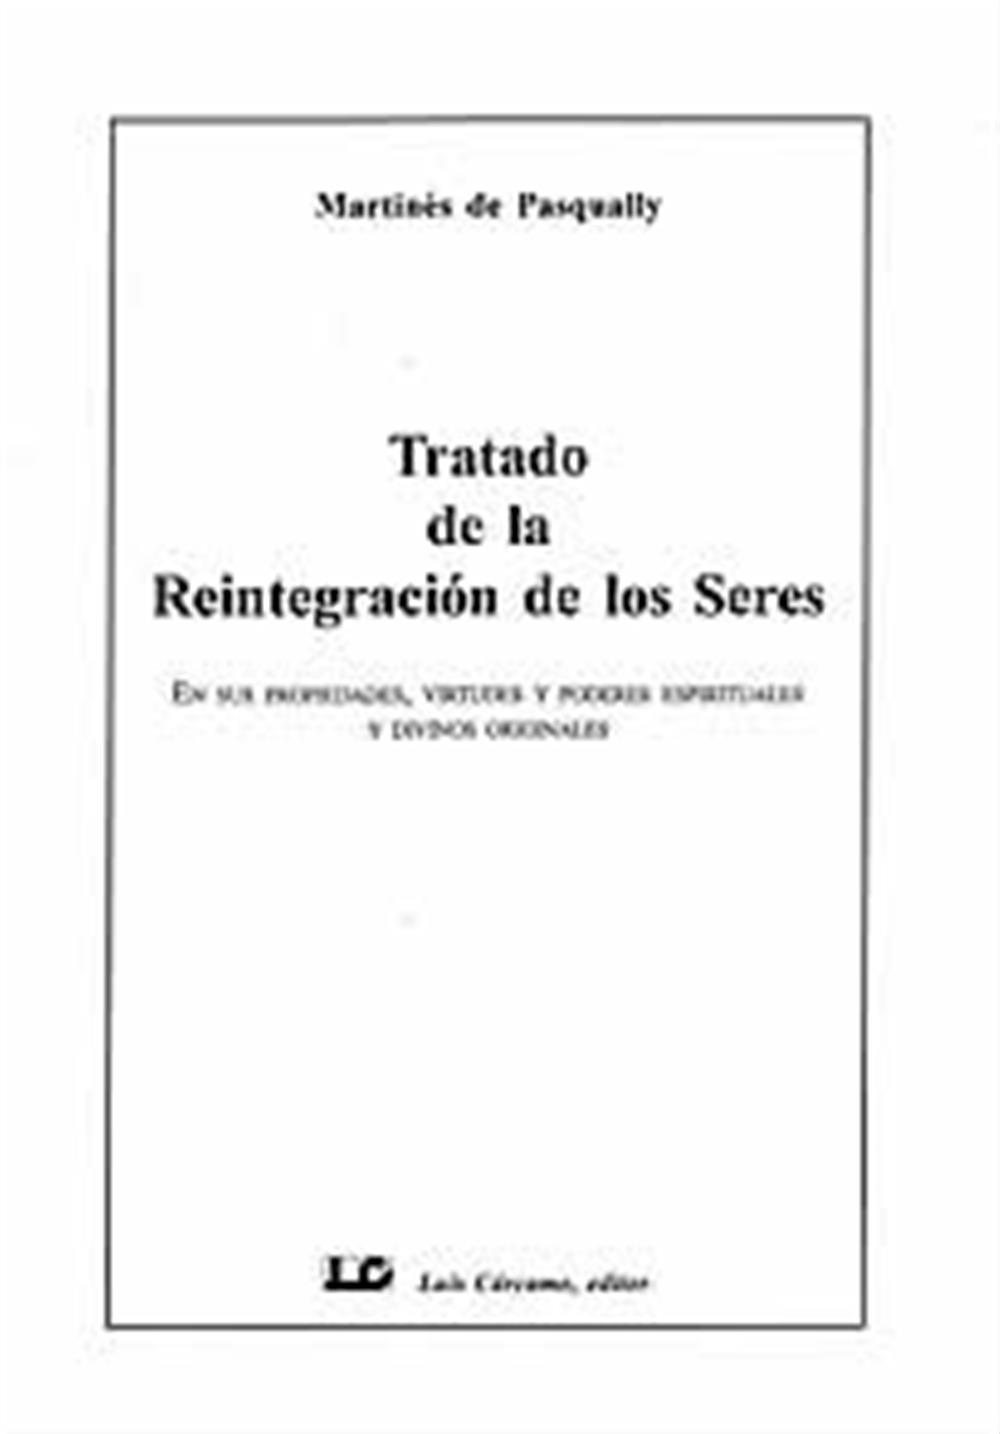 Tratado de la Reintegración de los Seres